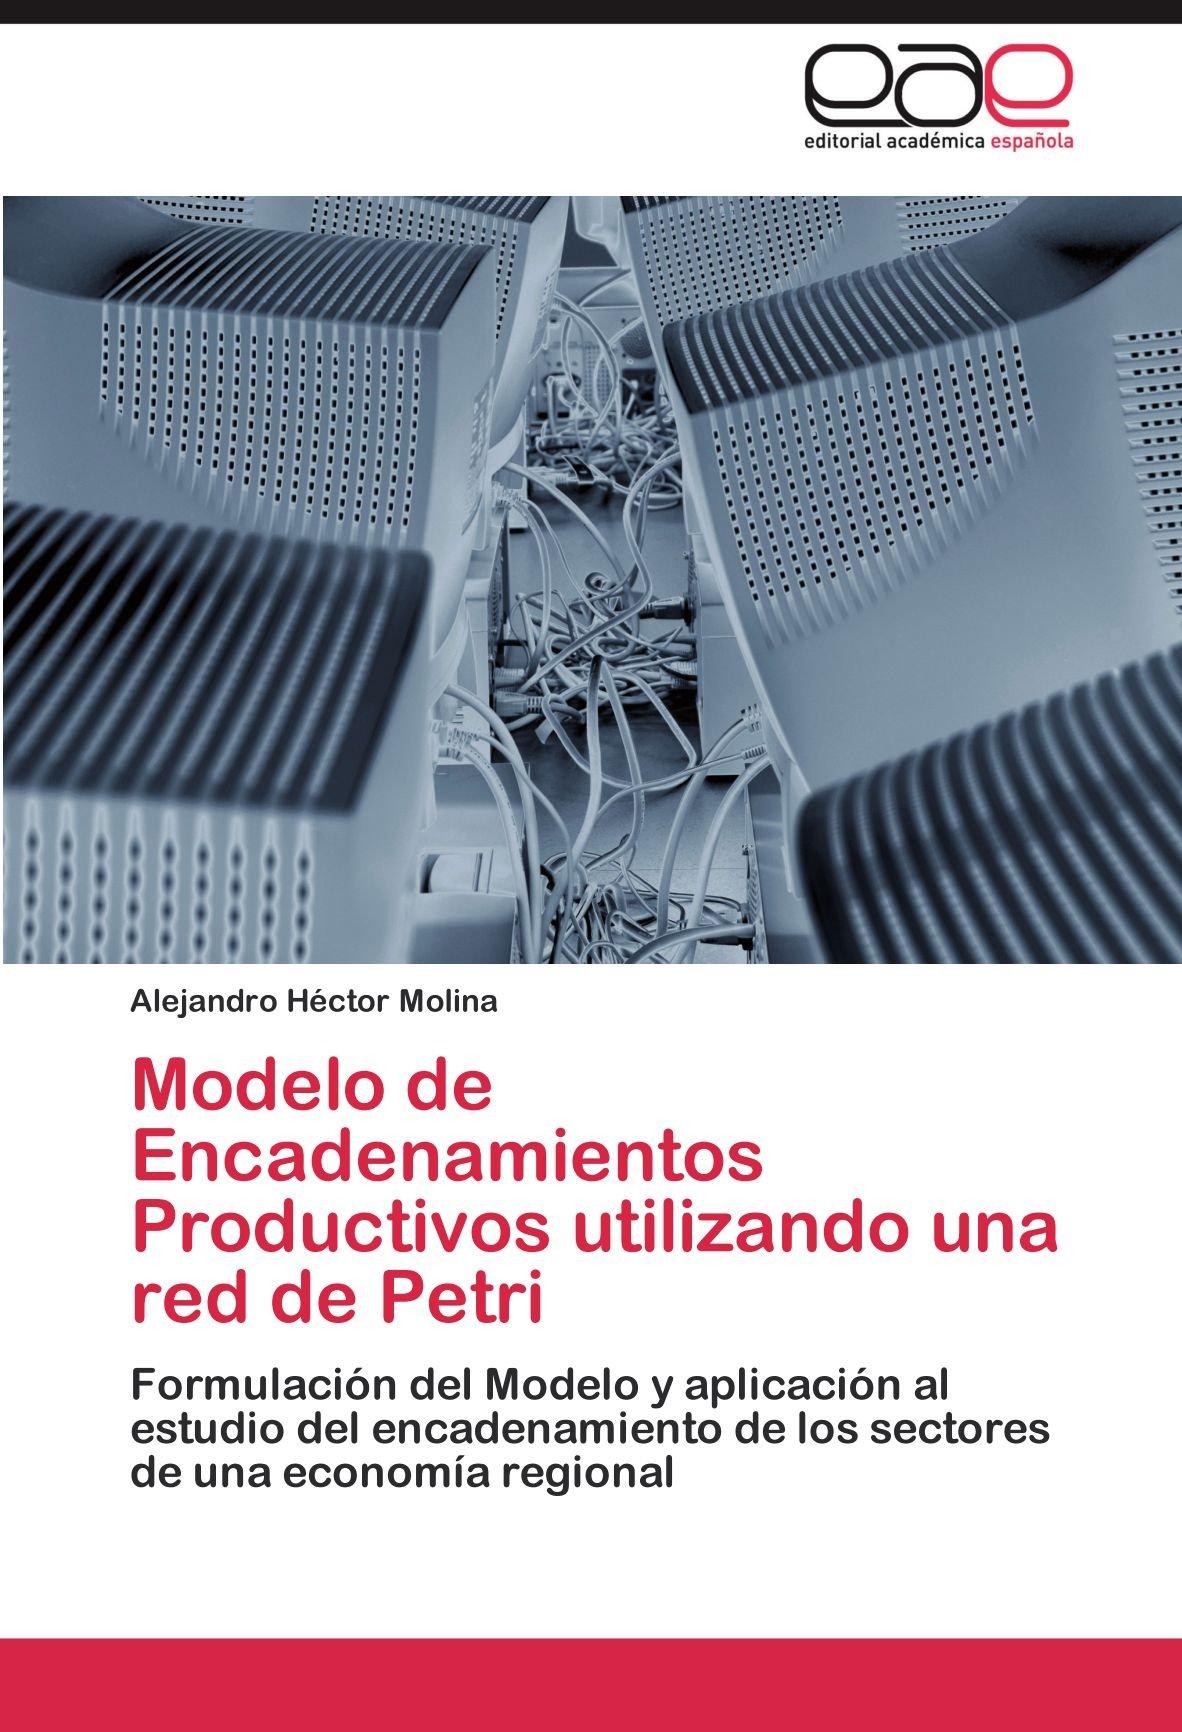 Download Modelo de Encadenamientos Productivos utilizando  una red de Petri: Formulación del Modelo y aplicación al estudio del encadenamiento de los sectores de una economía regional (Spanish Edition) ebook